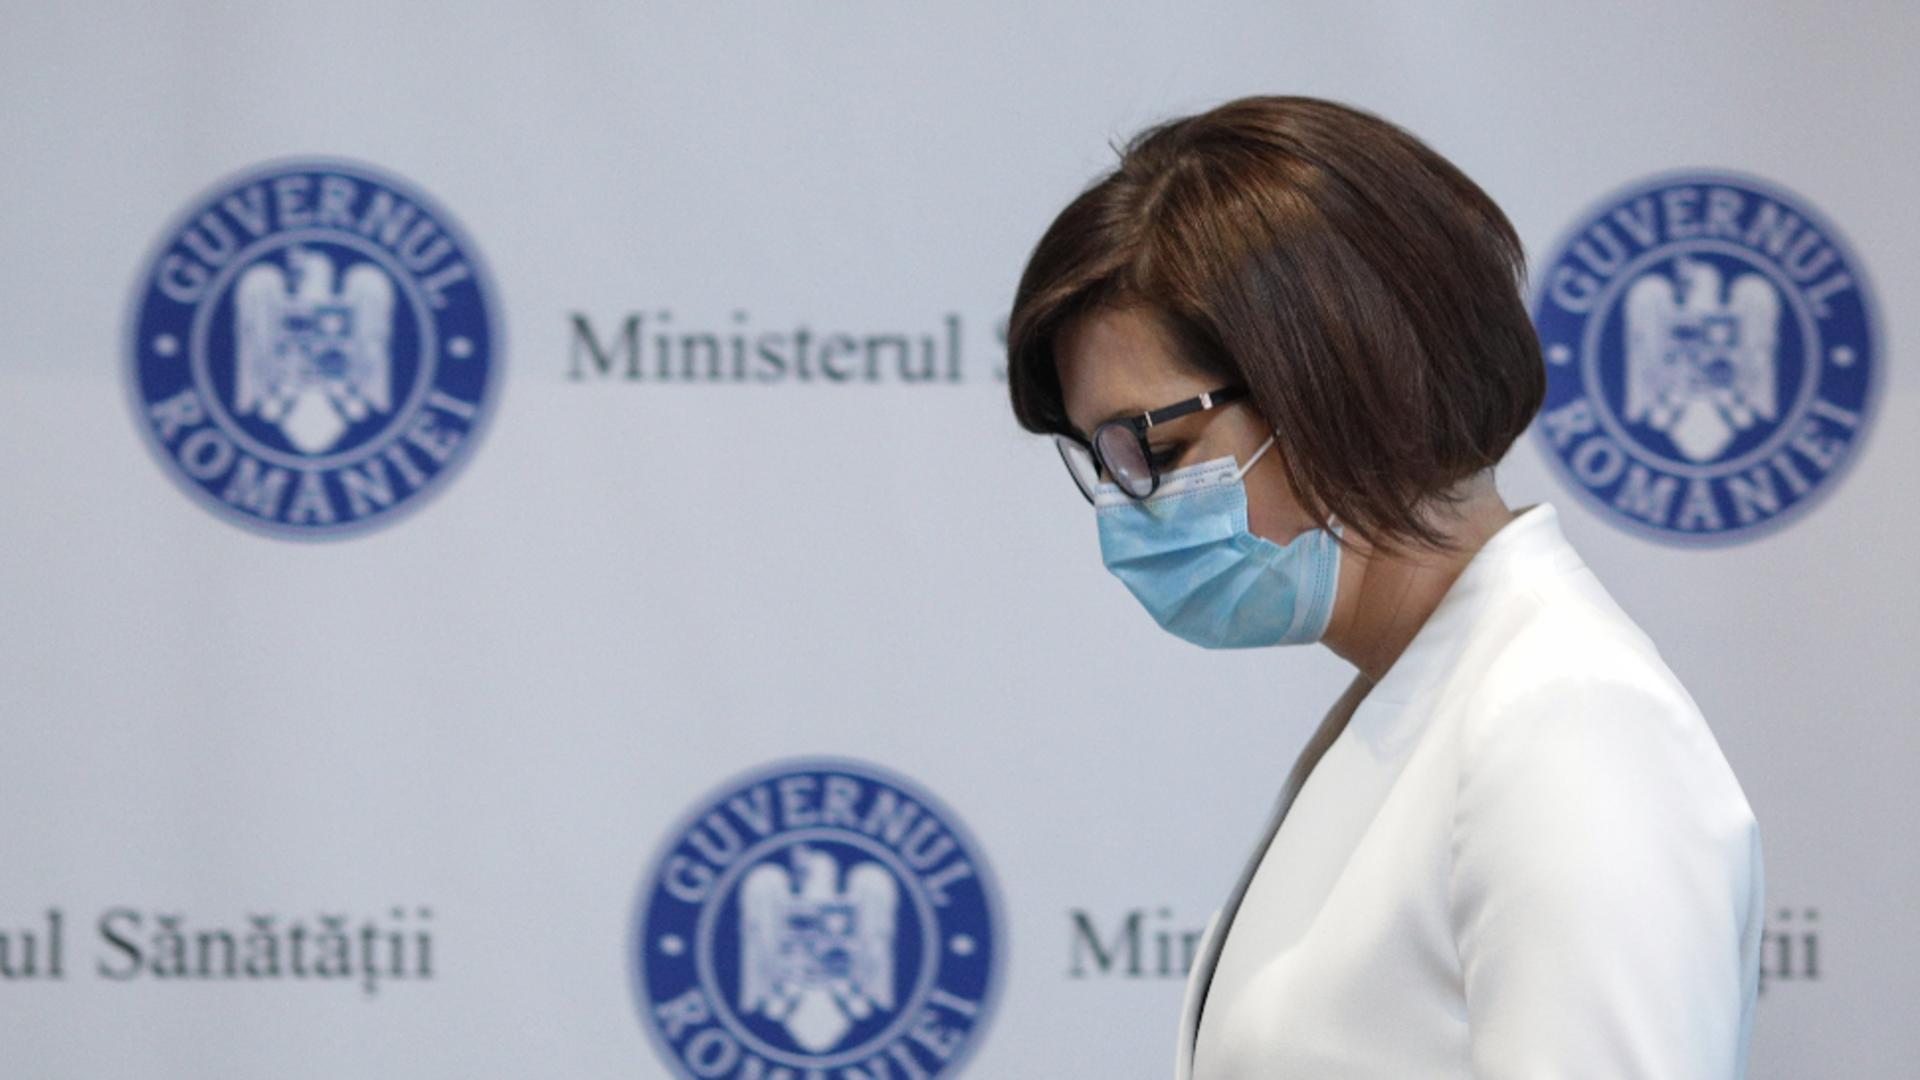 Ioana Mihăilă. Foto: Inquam / Octav Ganea